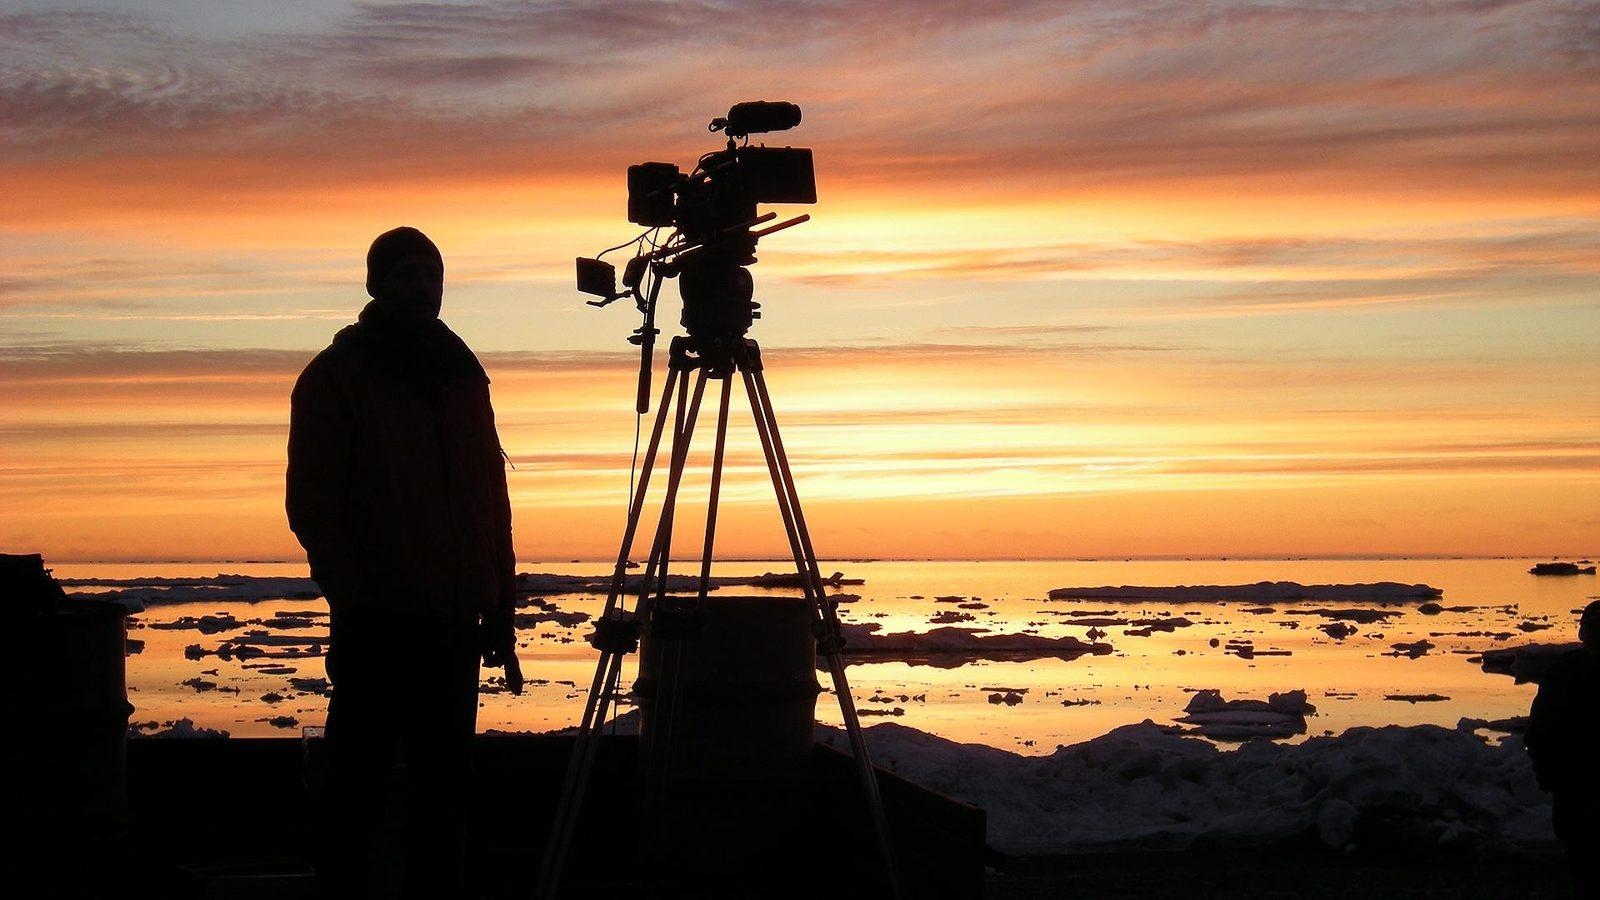 Господдержку в размере 4,2 млрд рублей получат более 500 организаций кино